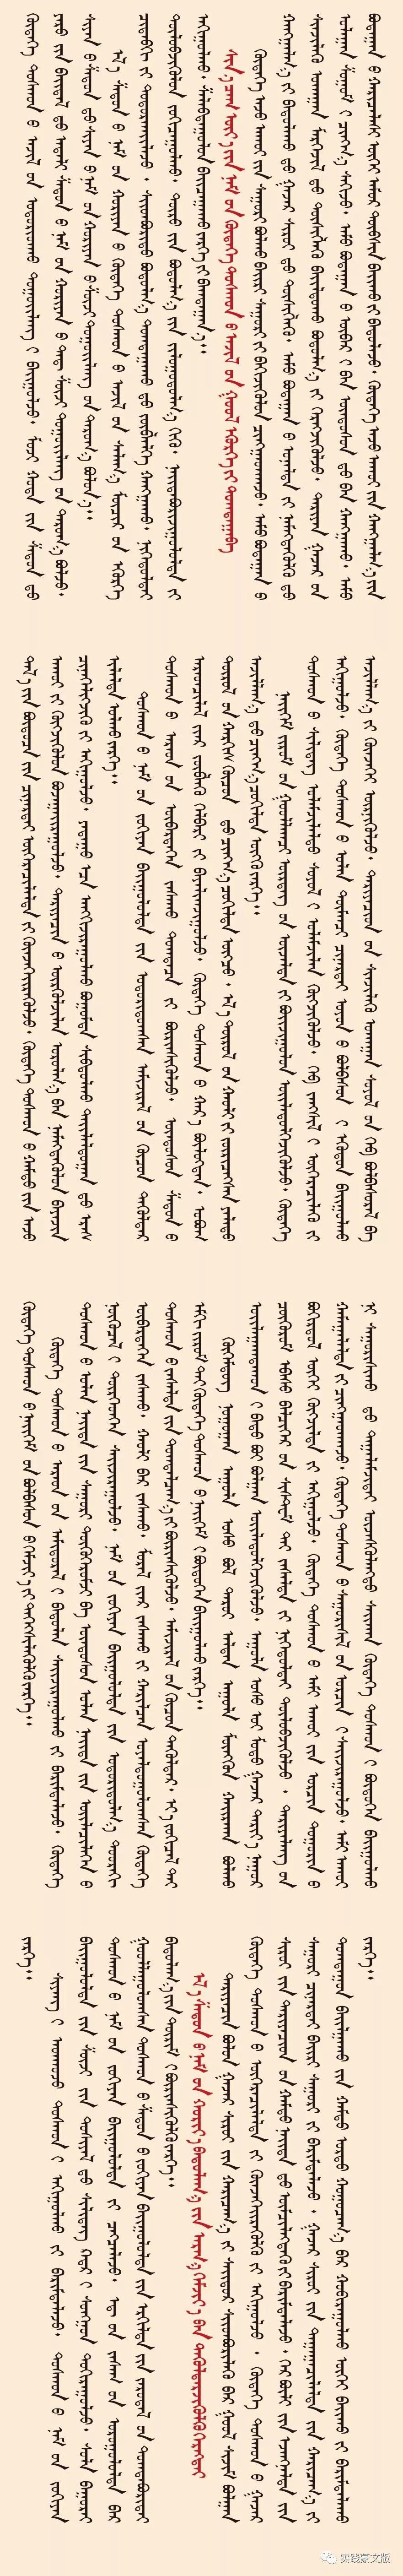 解读《中国共产党农村工作条例》 第3张 解读《中国共产党农村工作条例》 蒙古文库